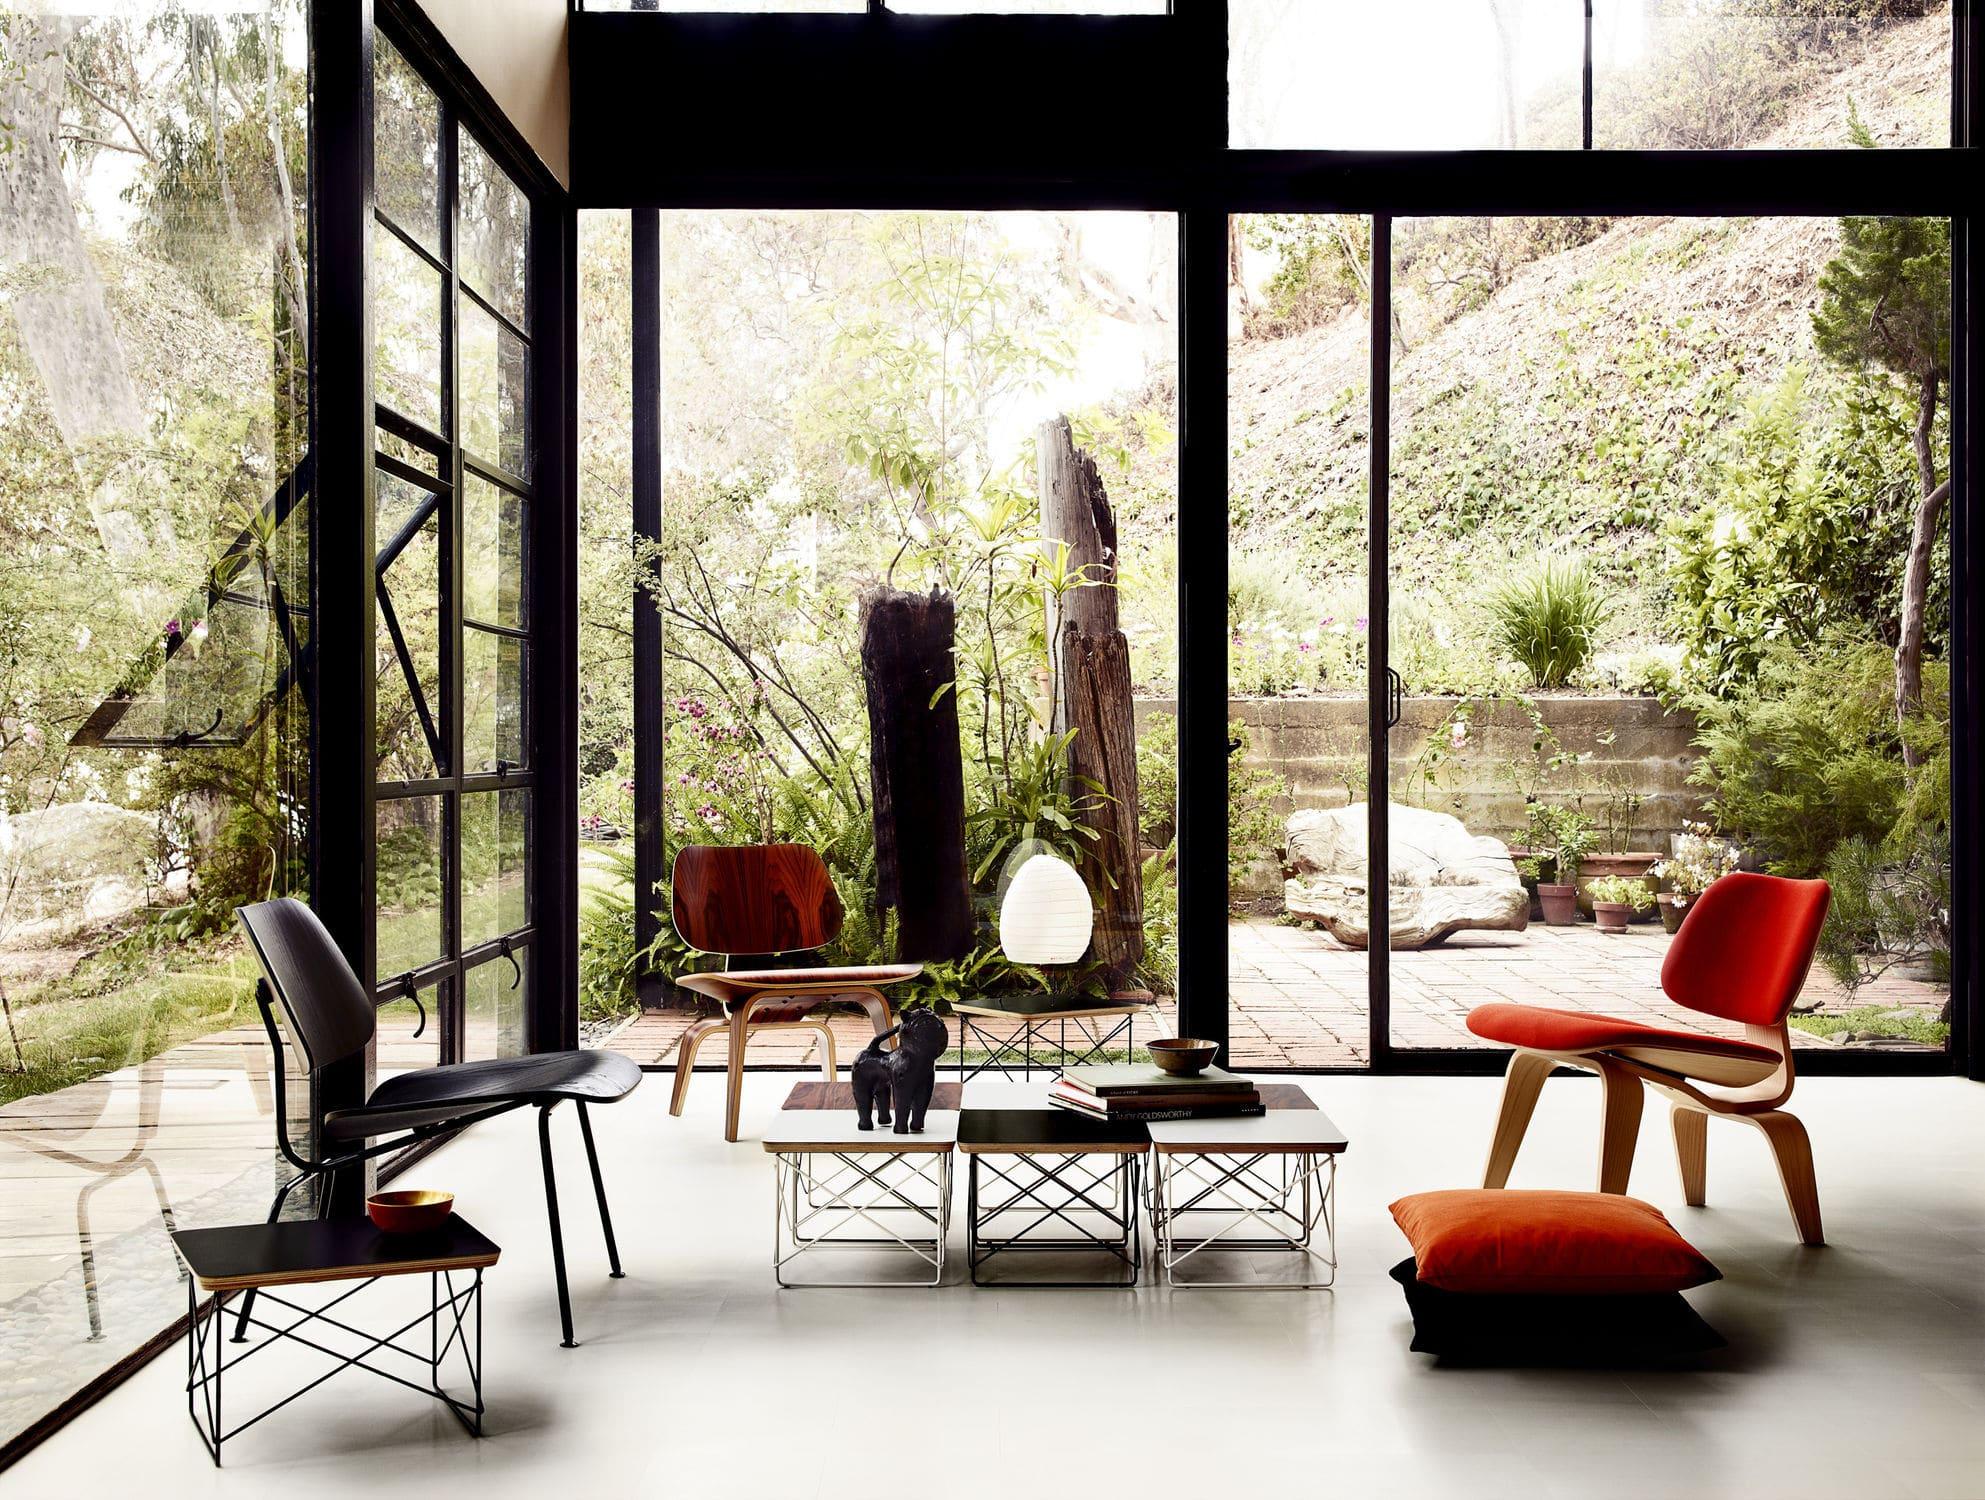 couchtisch modern laminat verchromtes metall wire herman miller europe - Wohnzimmer Modern Laminat